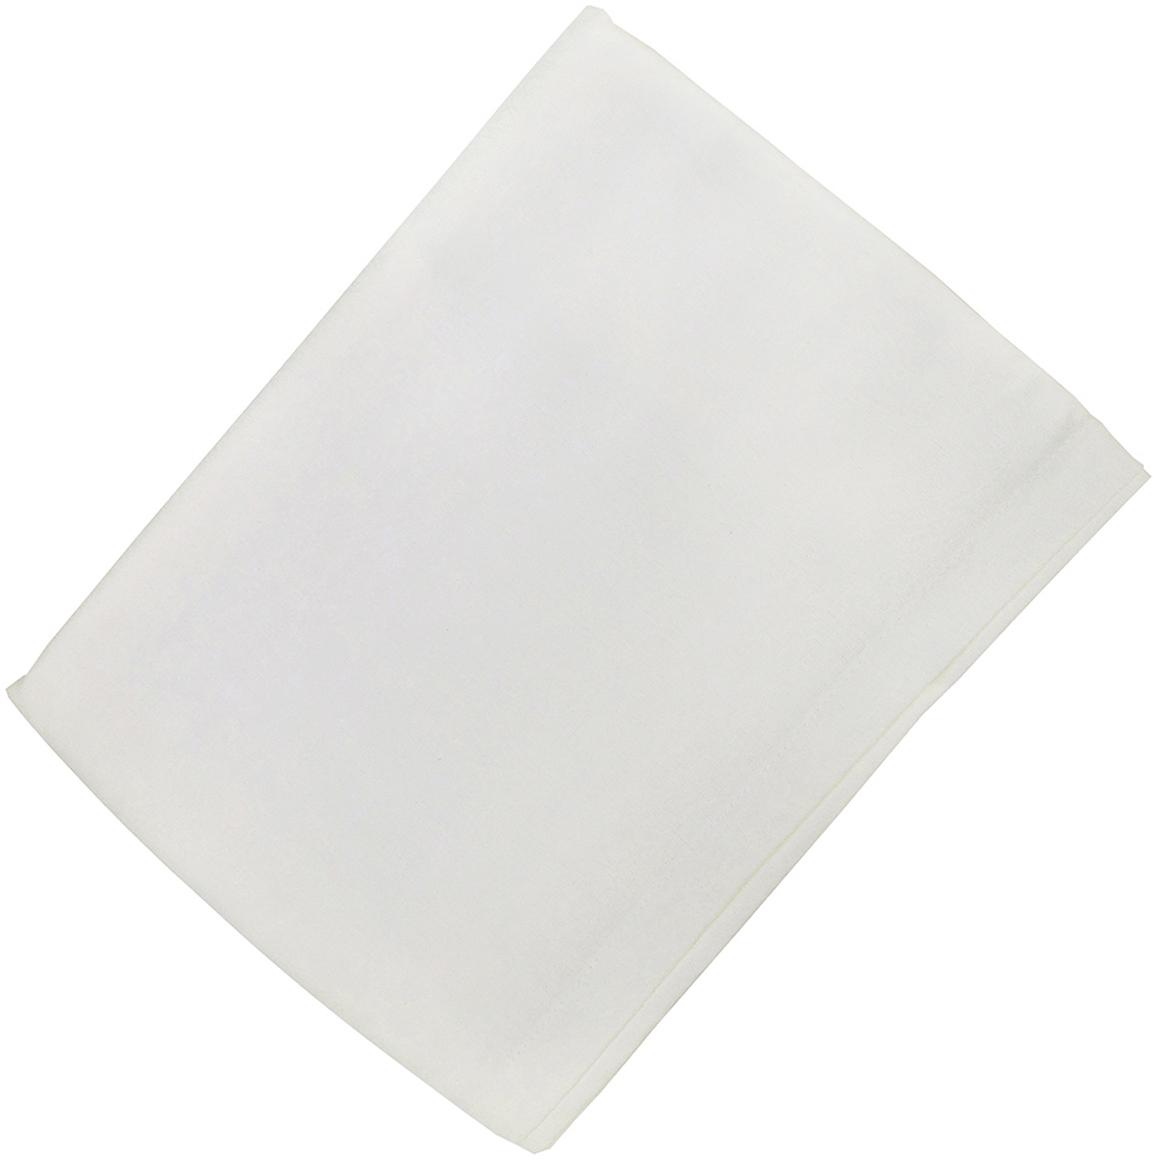 Скатерть Arloni, прямоугольная, 150 х 220 см. 8044.2ARL8044.2ARLОднотонная скатерть из новой коллекции Arloni изготовлена из натуральной плотной испанской ткани (100% хлопок). Высокие экологические свойства ткани позволяют использовать изделие не только в качестве декоративного оформления, но и для сервировки обеденного стола. Скатерть хорошо сочетается с другими элементами кухонного текстиля и имеет универсальный размер. Красиво смотрится как на круглом, овальном, так и на прямоугольном столе.